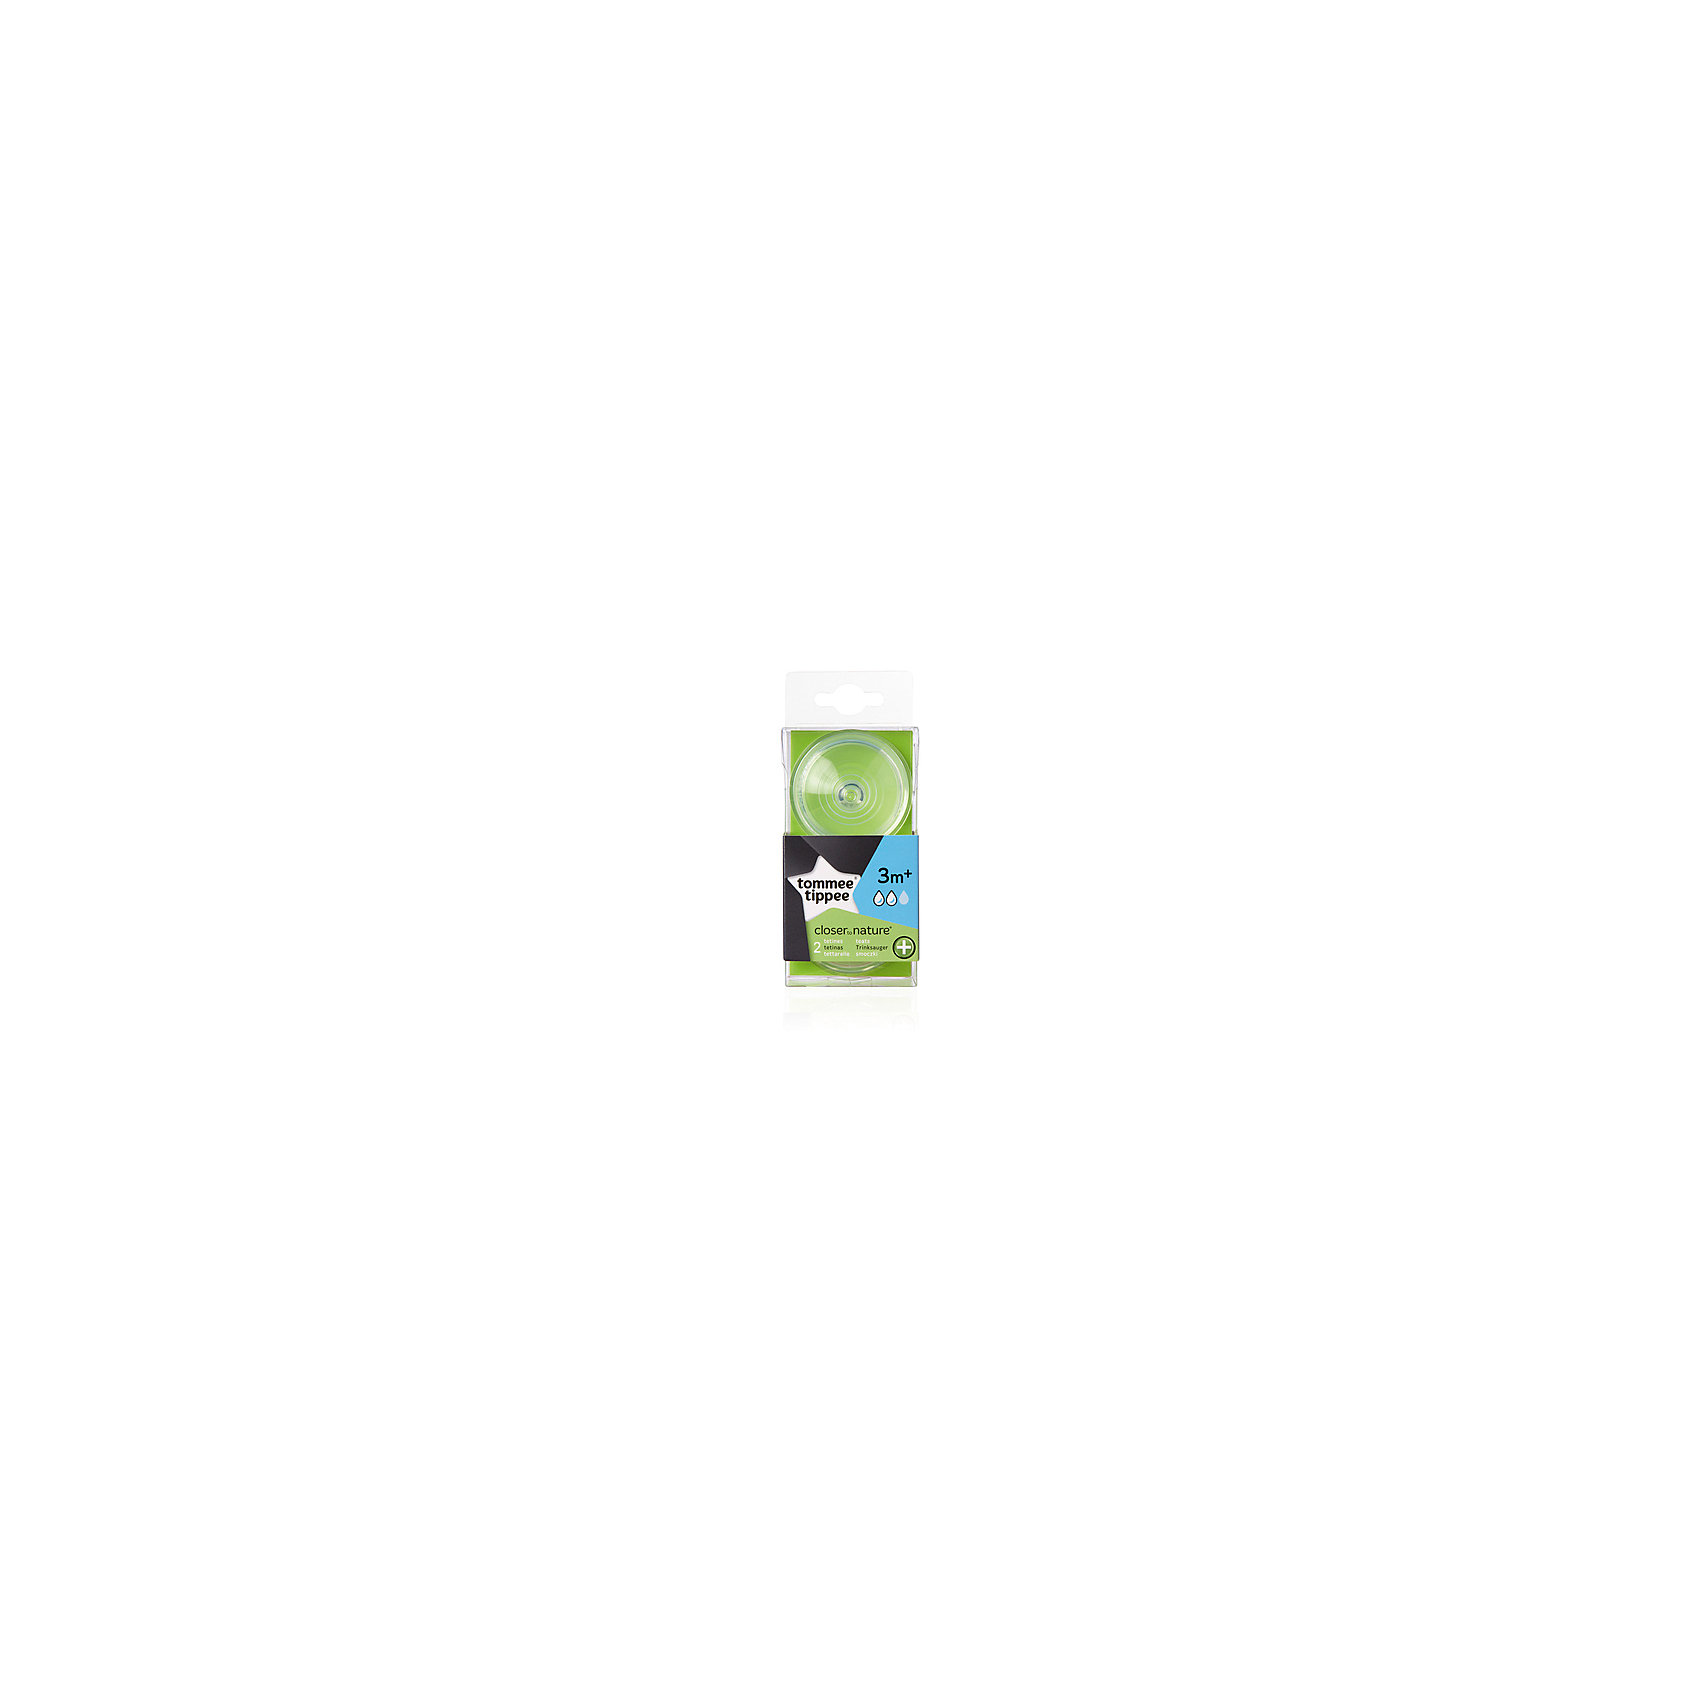 Cоски для антиколиковой бутылочки Tommee Tippee Close to nature, с 3 мес., средний поток, 2 шт.